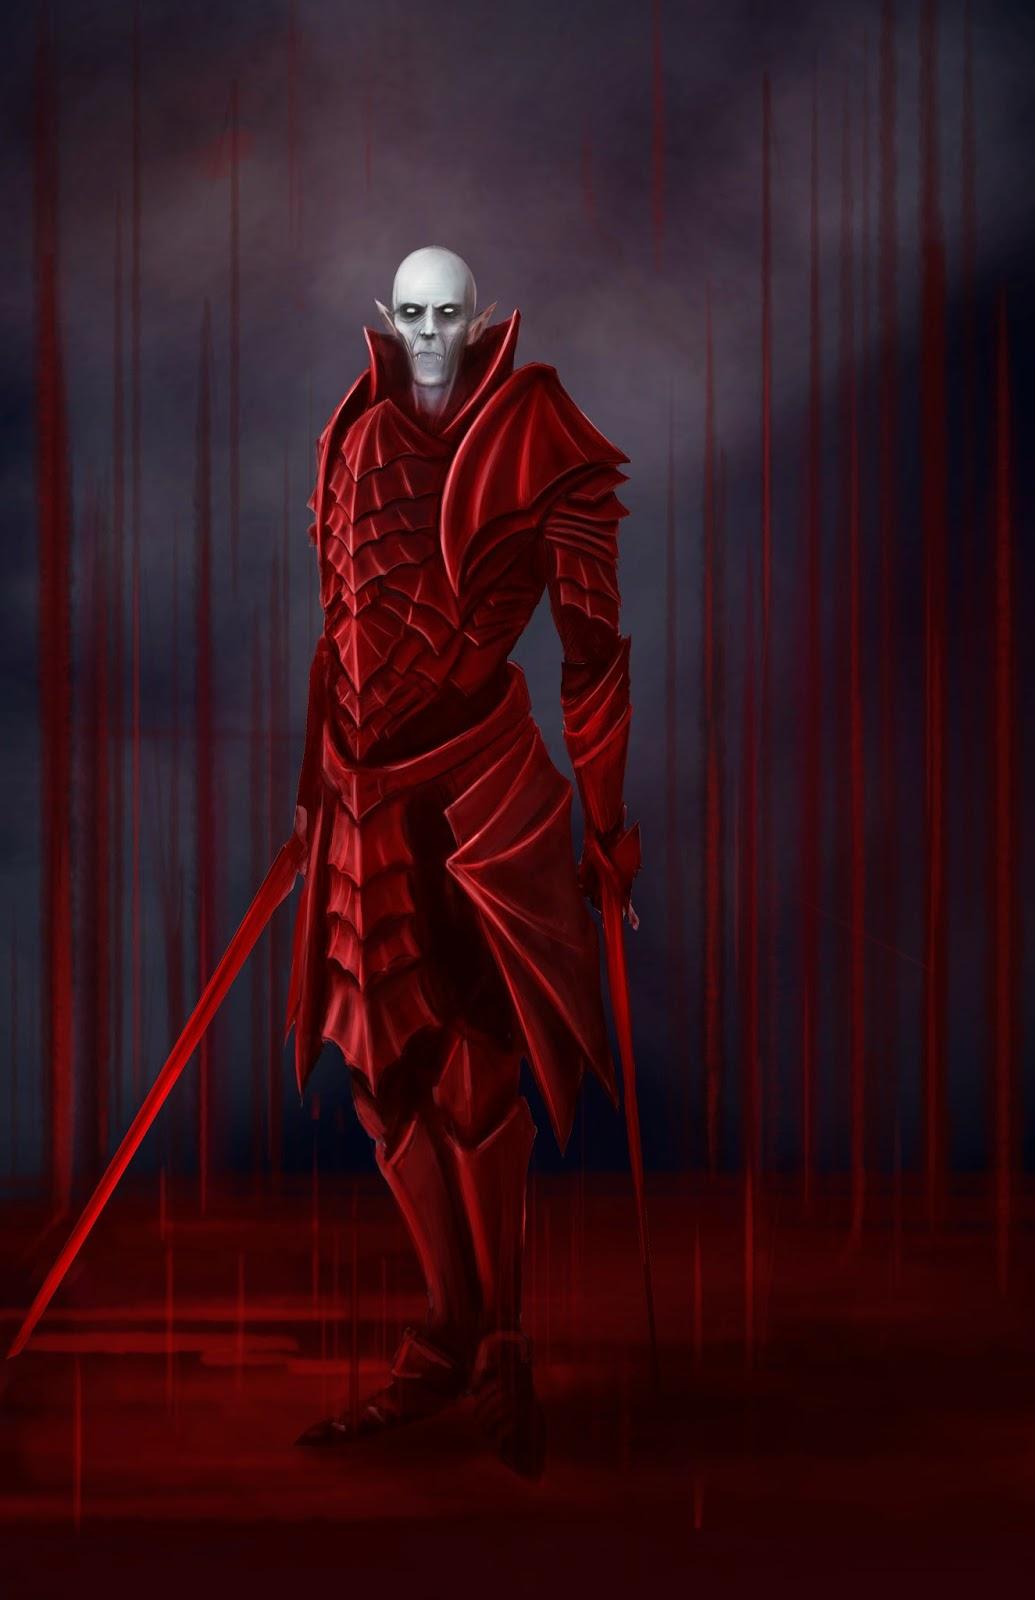 vampire%2Bknight%2Bred%2Barmor.jpg